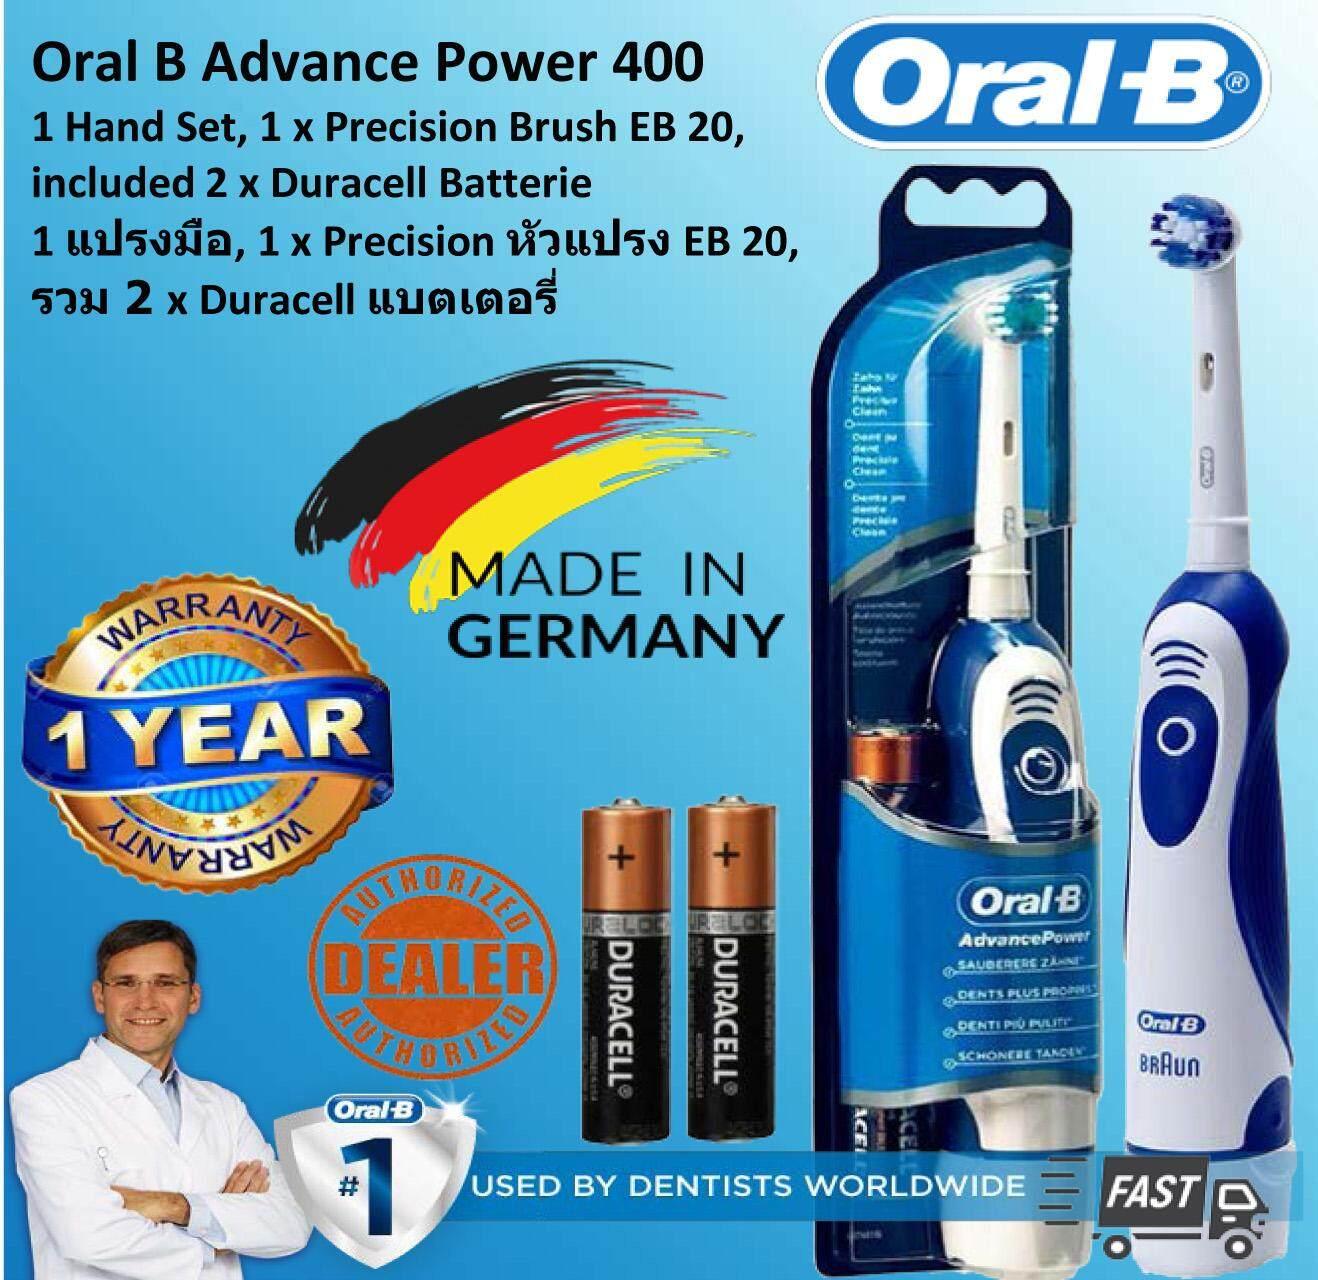 นครนายก 1 x Oral B แปรงสีฟันไฟฟ้า ออรัล บี Advance Power 400  DB 4010 Battery Powered Electric Toothbrush  1 x